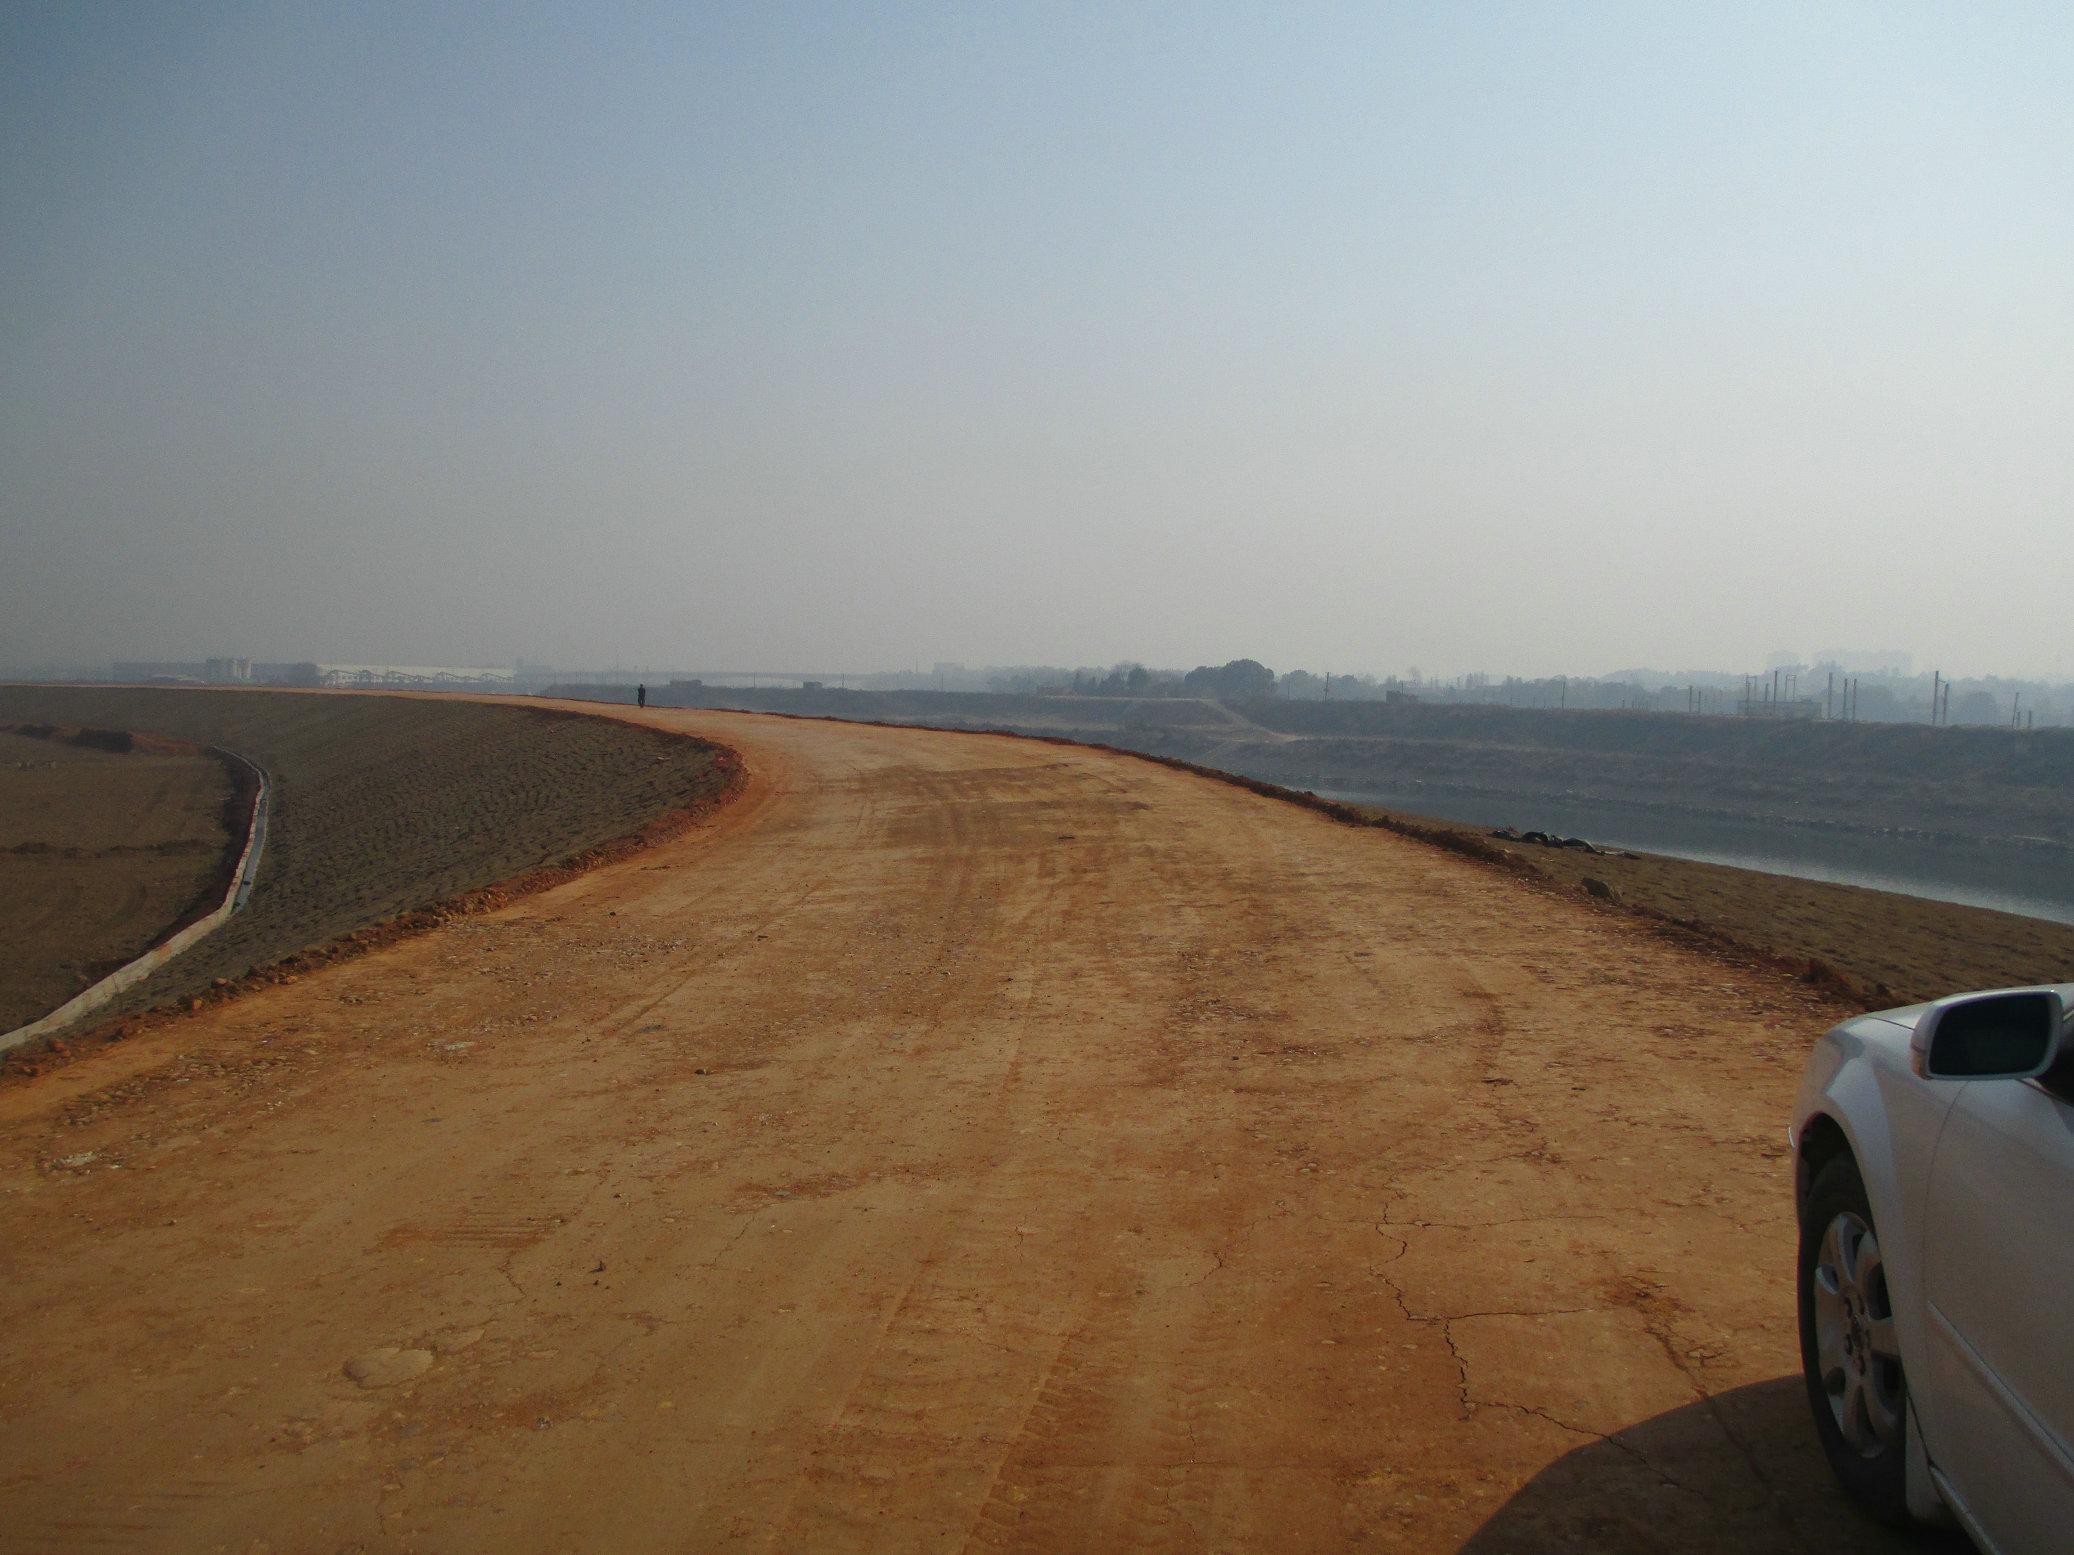 湘江綜合樞紐長沙水庫(望城段)后續水利建設先期項目三標段